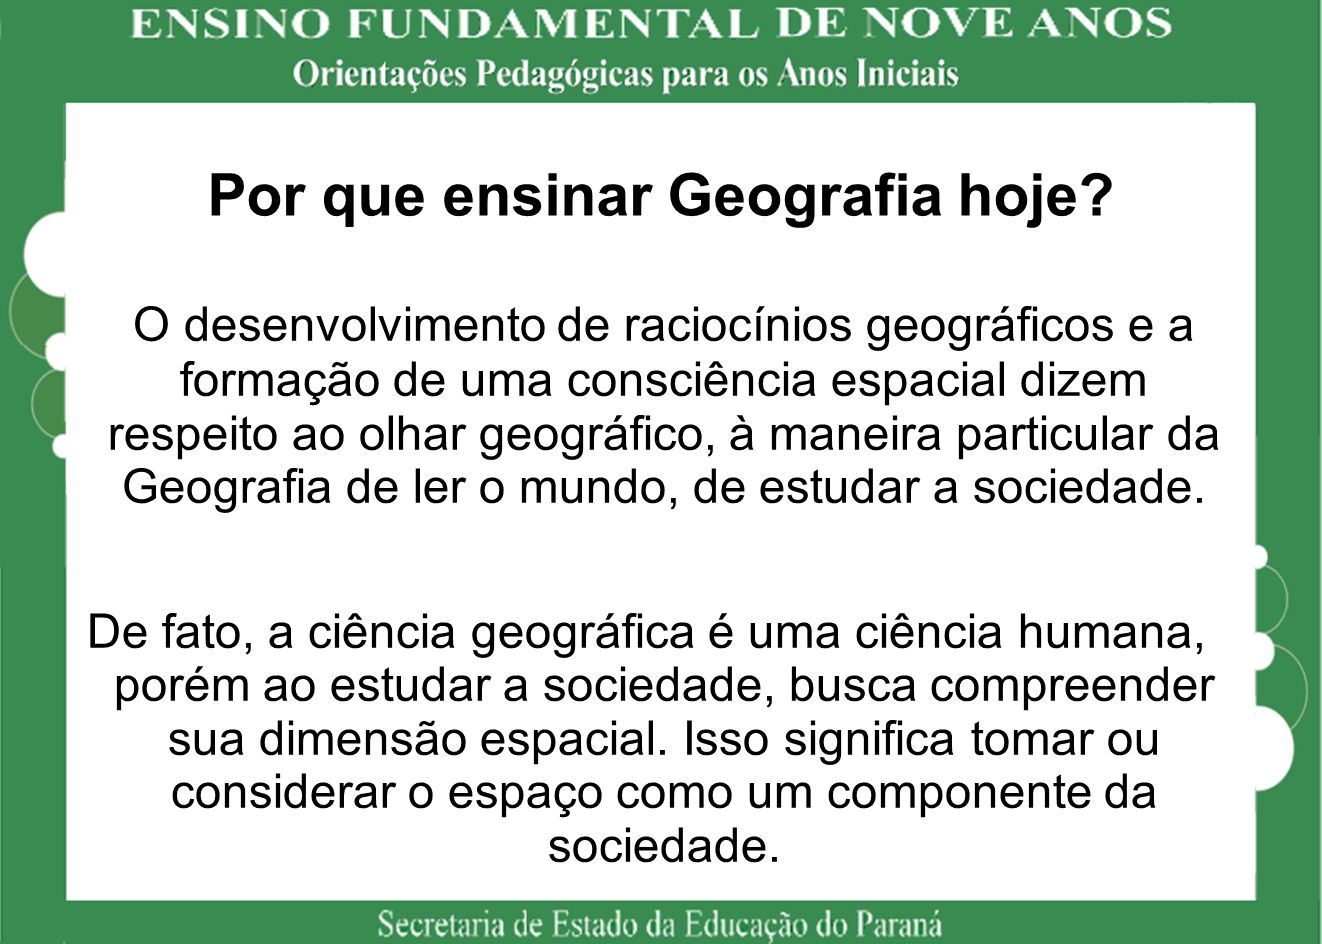 Por que ensinar Geografia hoje